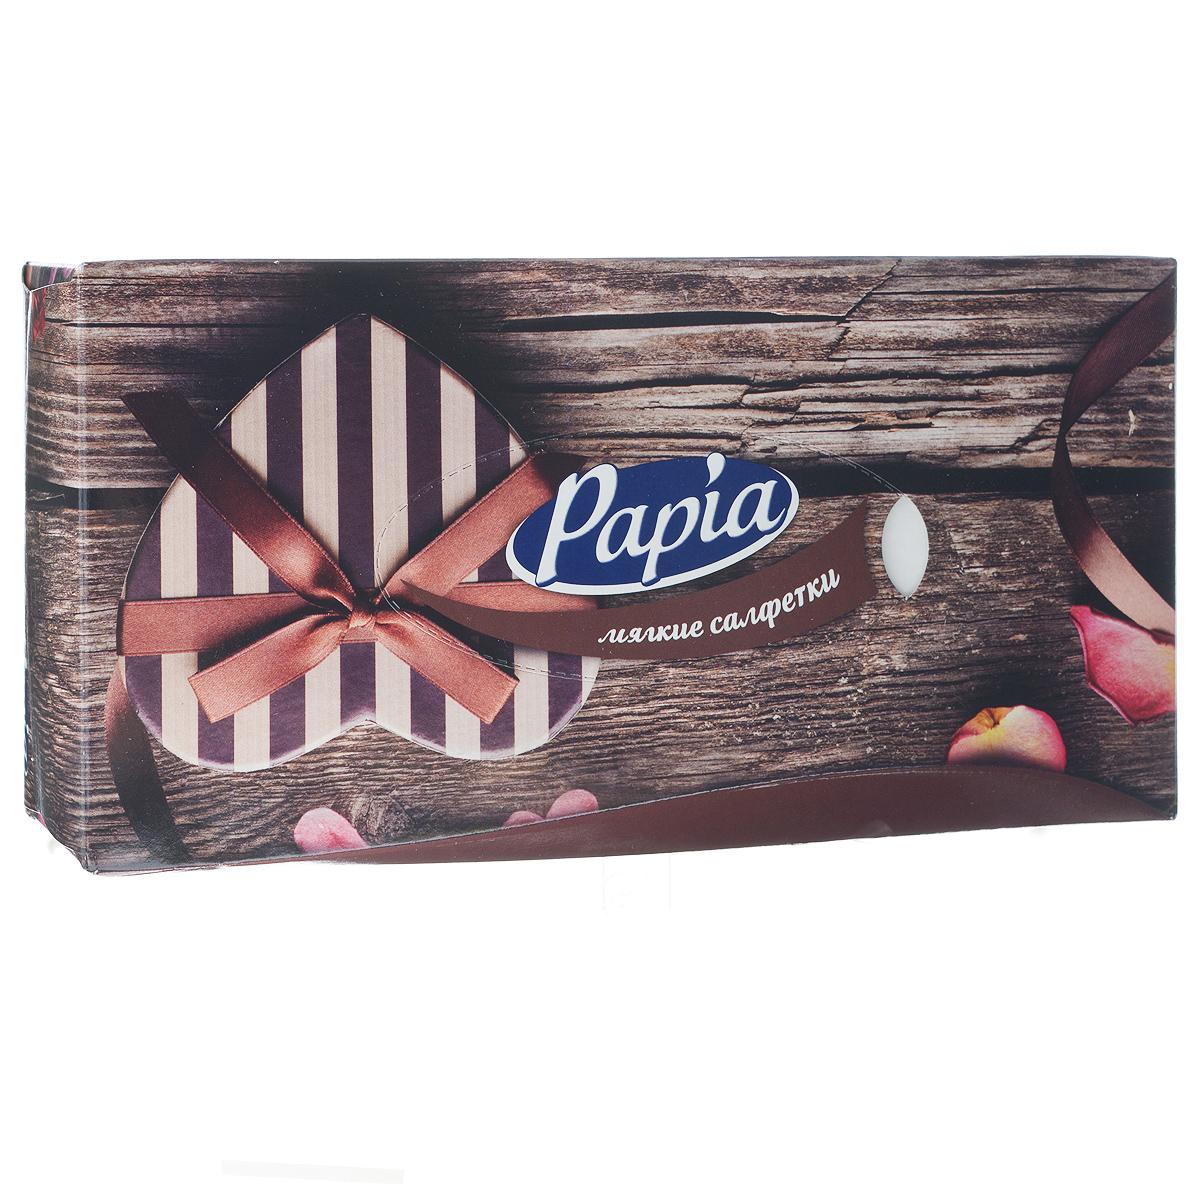 Салфетки бумажные Papia. Love, трехслойные, 21 x 21 см, 80 шт15309_коричневый (LOVE)Трехслойные салфетки Papia. Love выполнены из 100% целлюлозы. Салфетки подходят для косметического, санитарно-гигиенического и хозяйственного назначения. Нежные и мягкие, они удивят вас не только своим высоким качеством, но и внешним видом. Изделия упакованы в коробку, поэтому их удобно использовать дома или взять с собой в офис или машину. Размер салфеток: 21 см х 21 см.